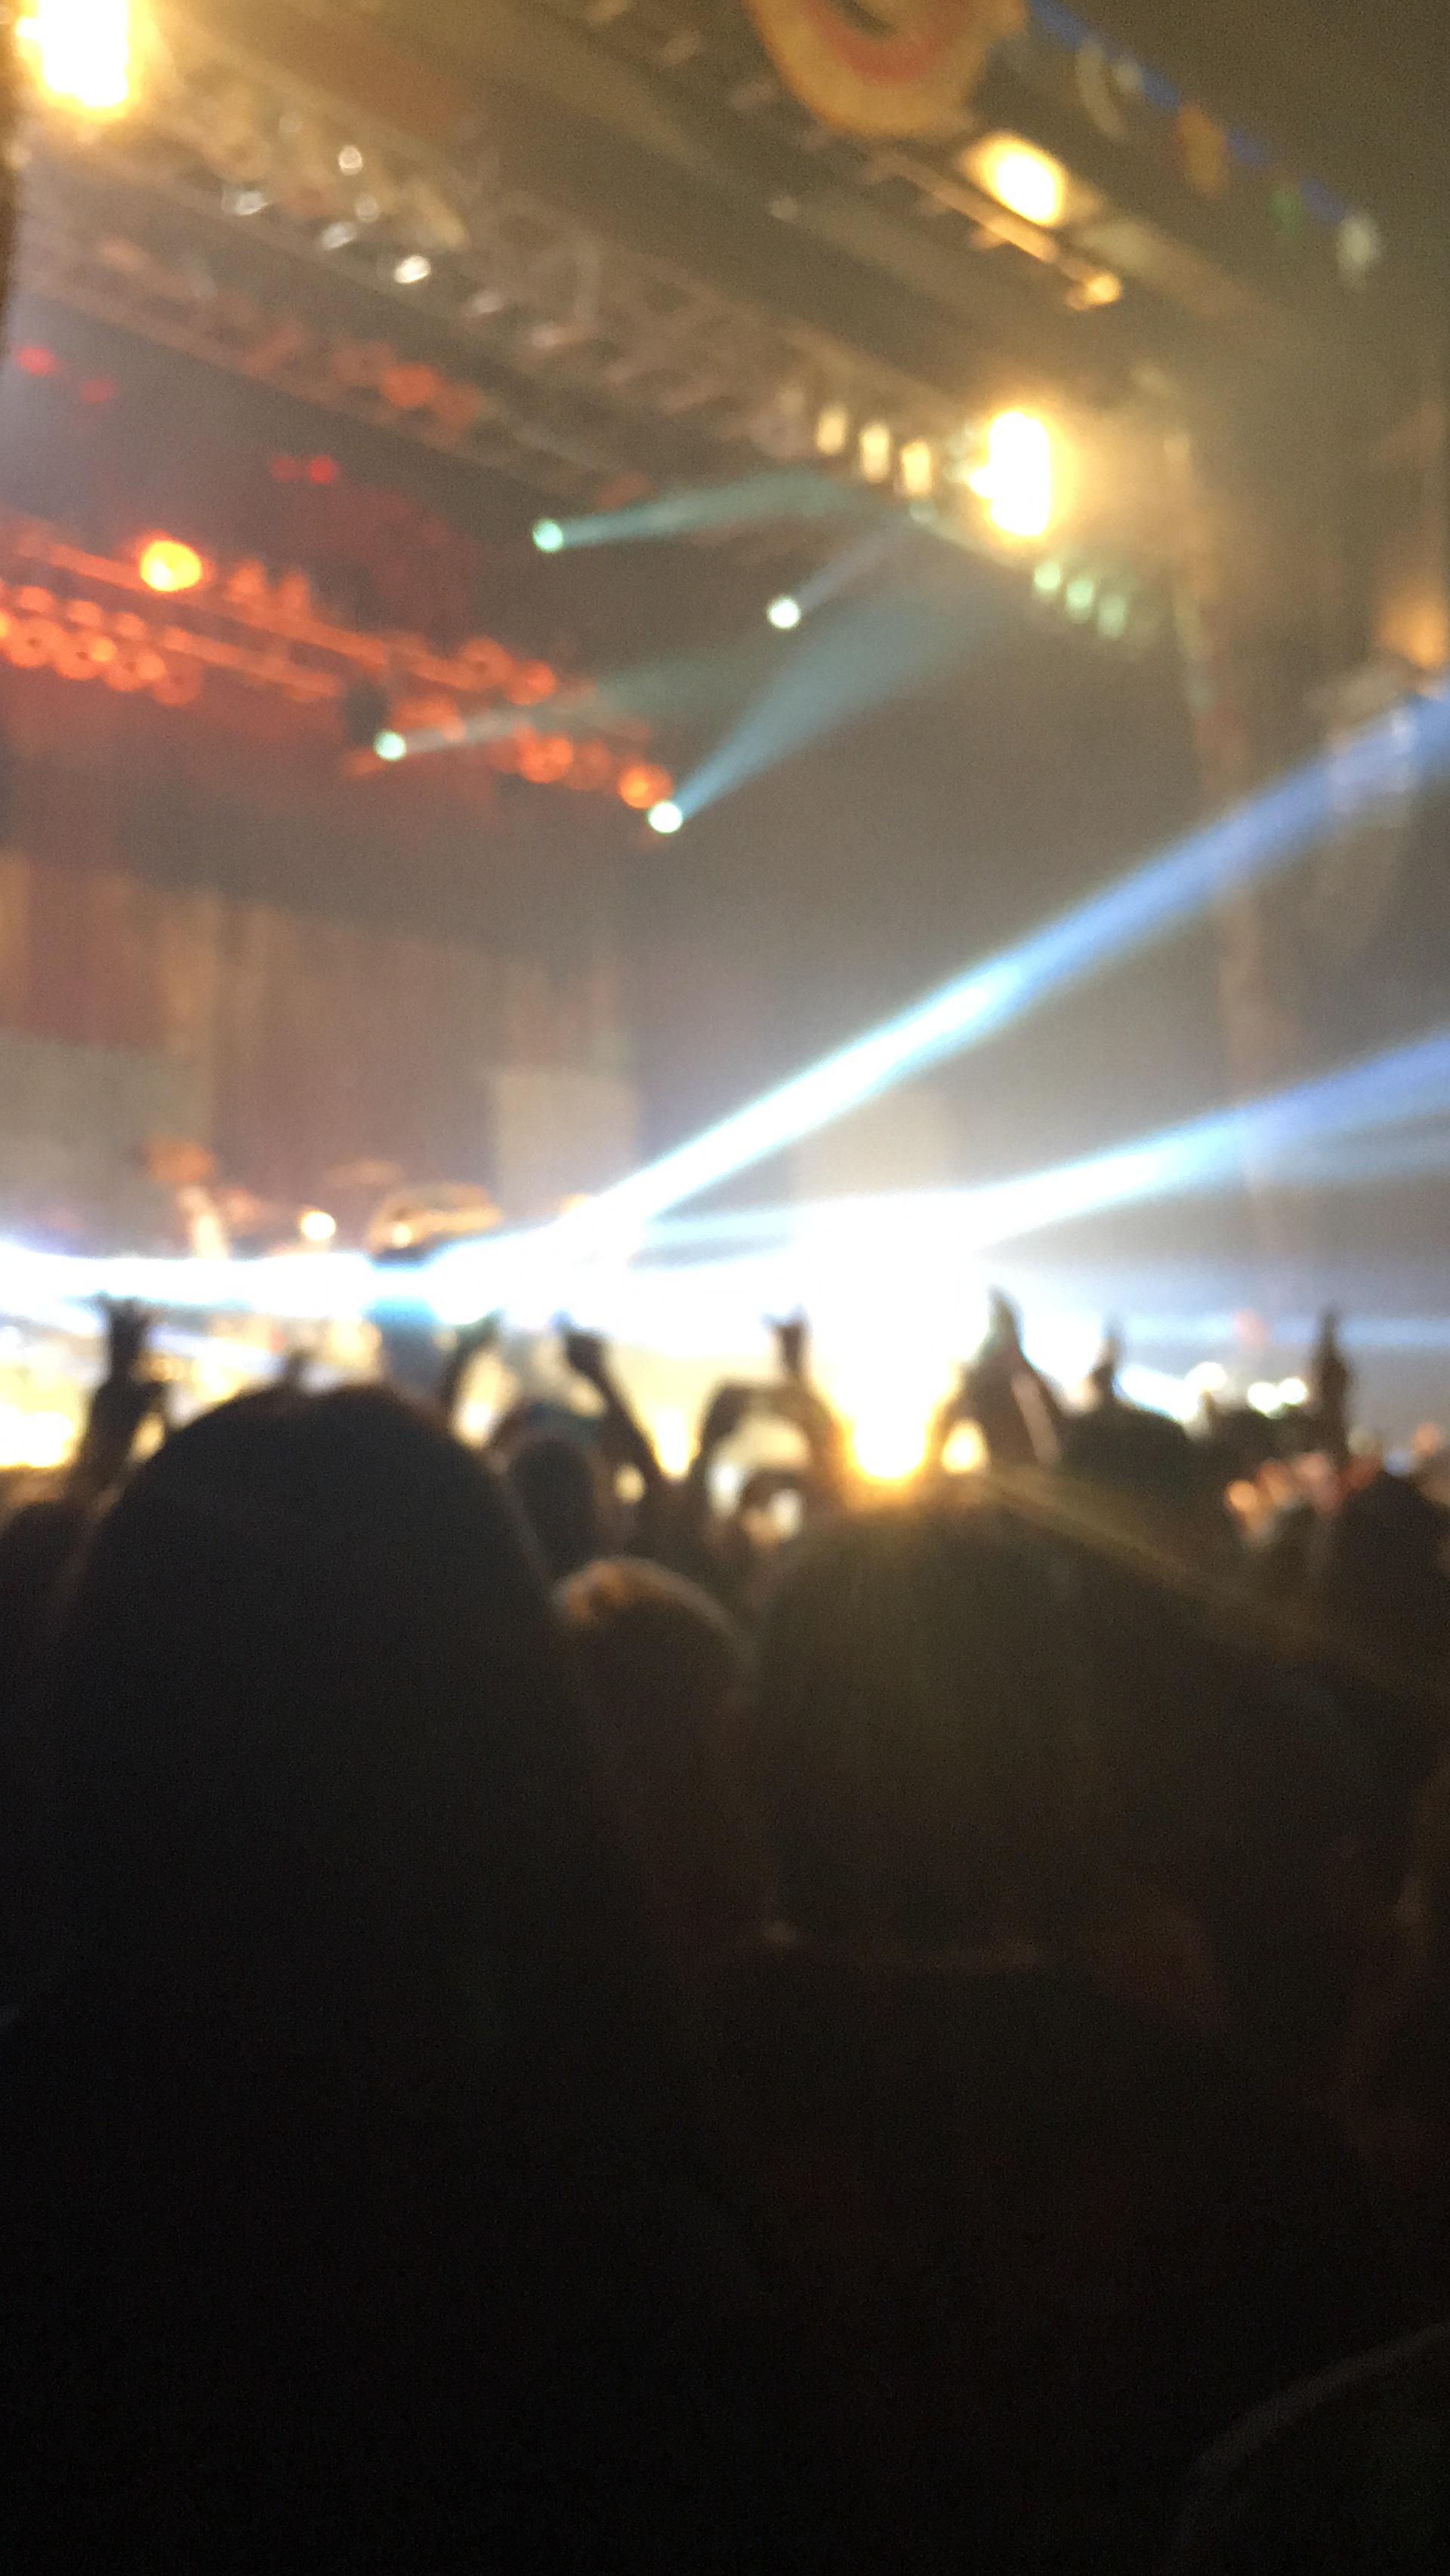 concert in Dallas